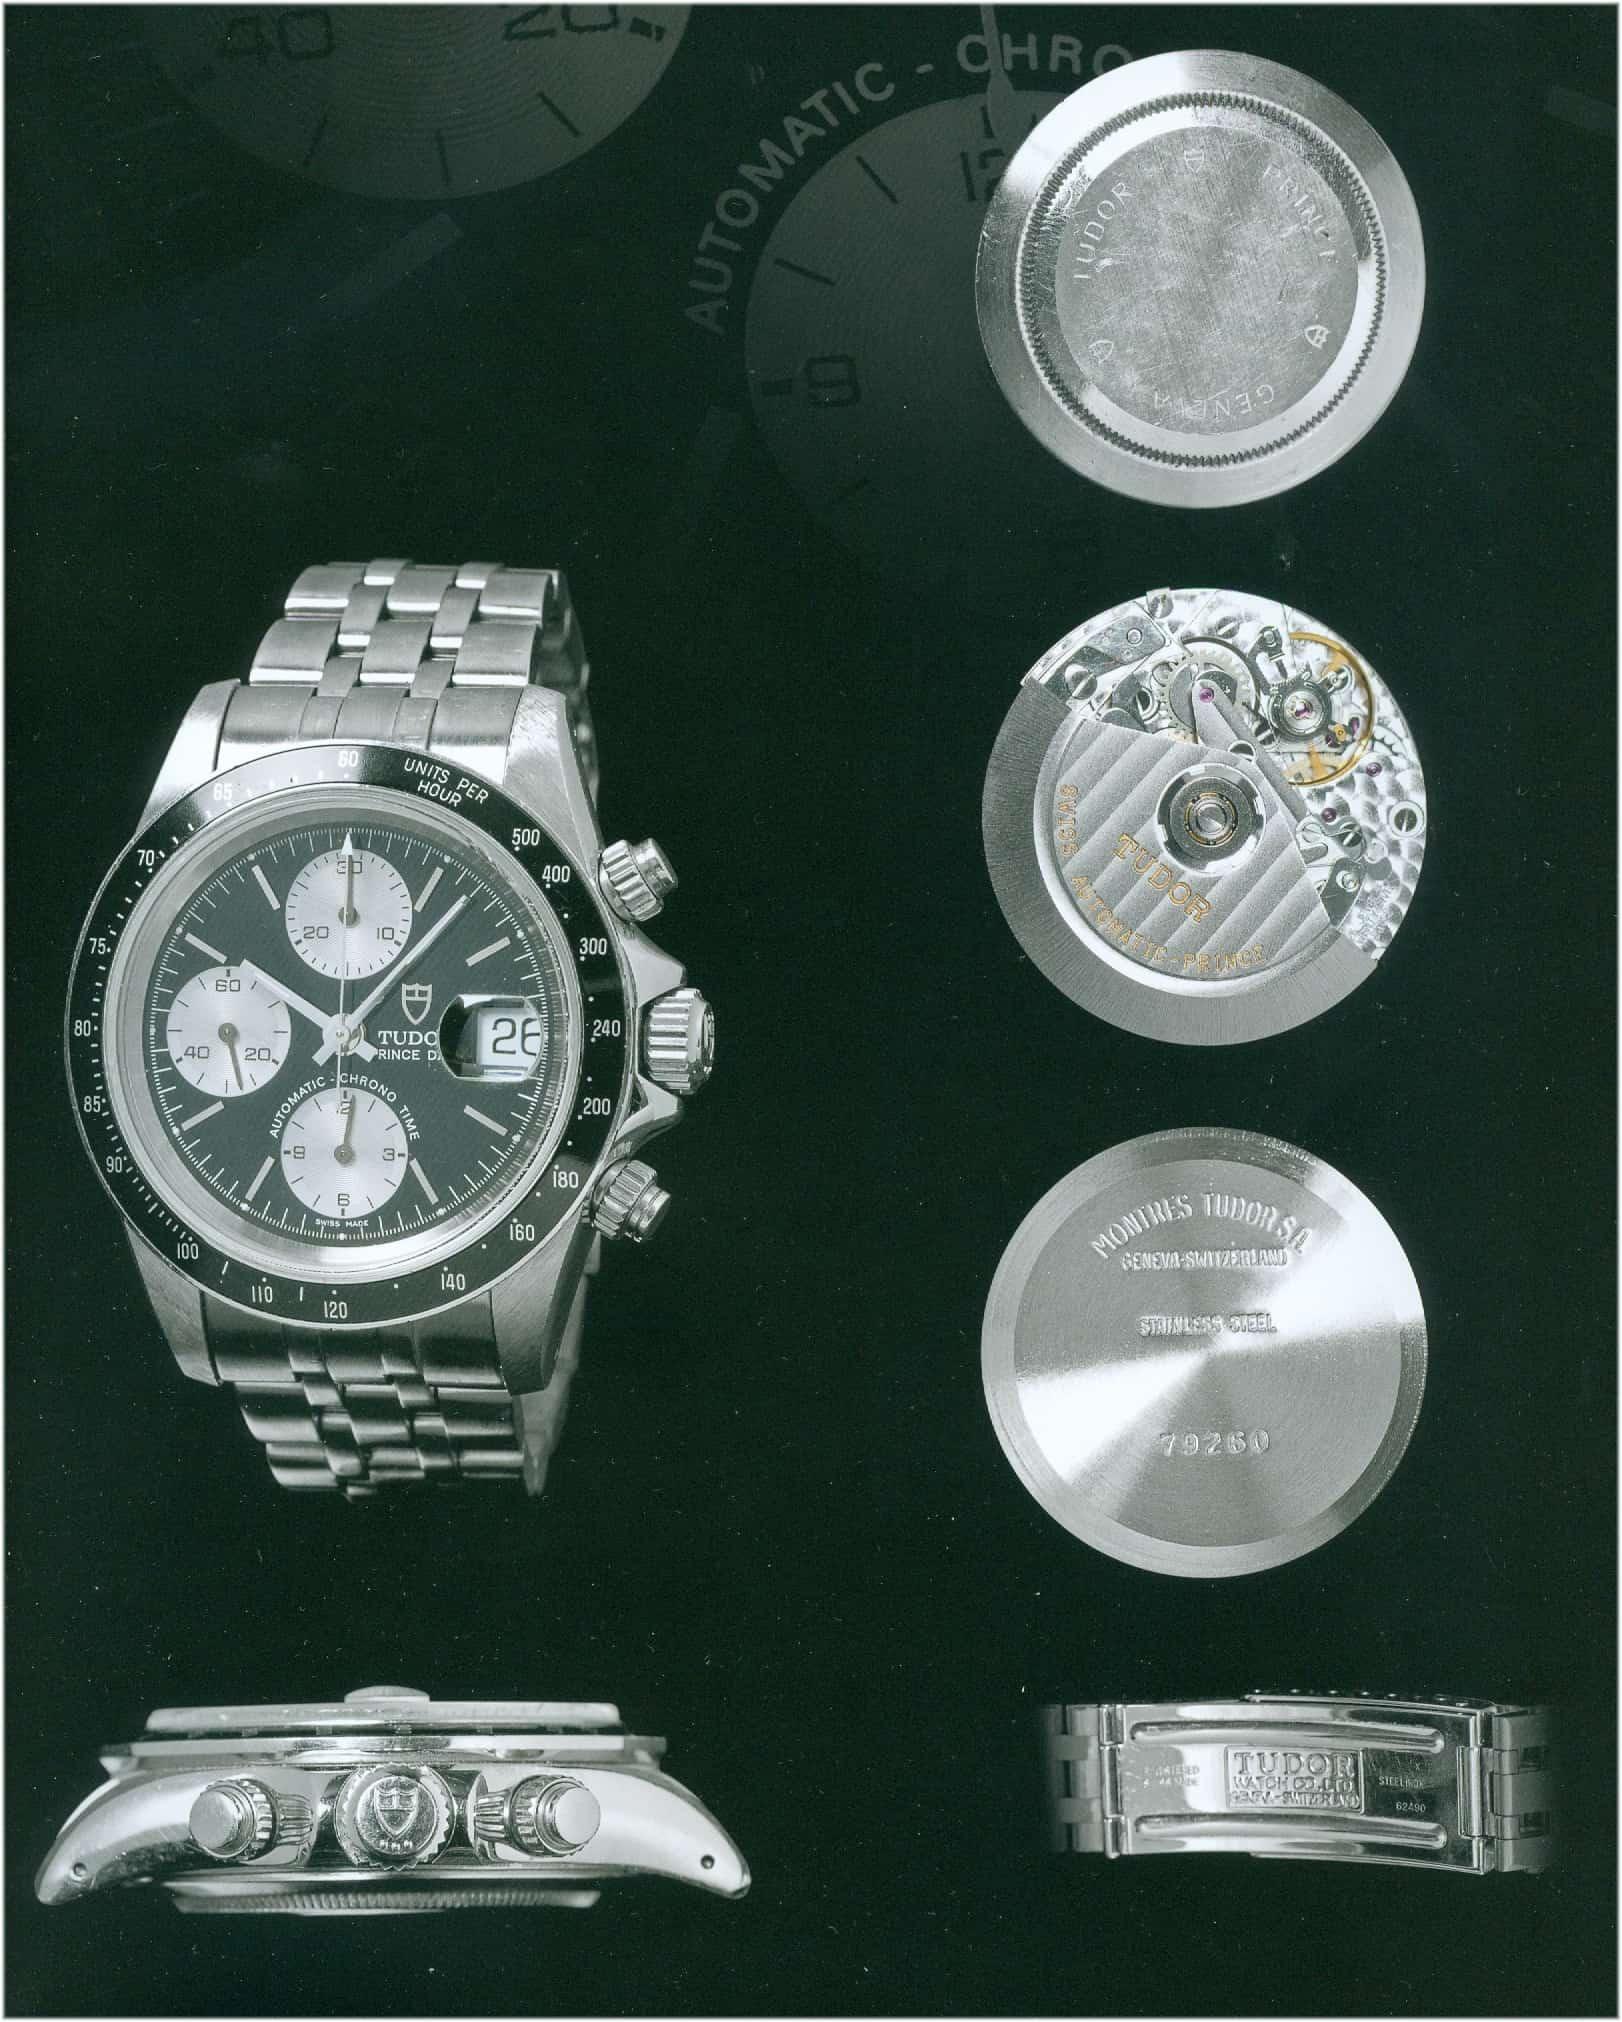 Tudor war nun die erkennbare Marke und die Rolex Bezüge fielen weg